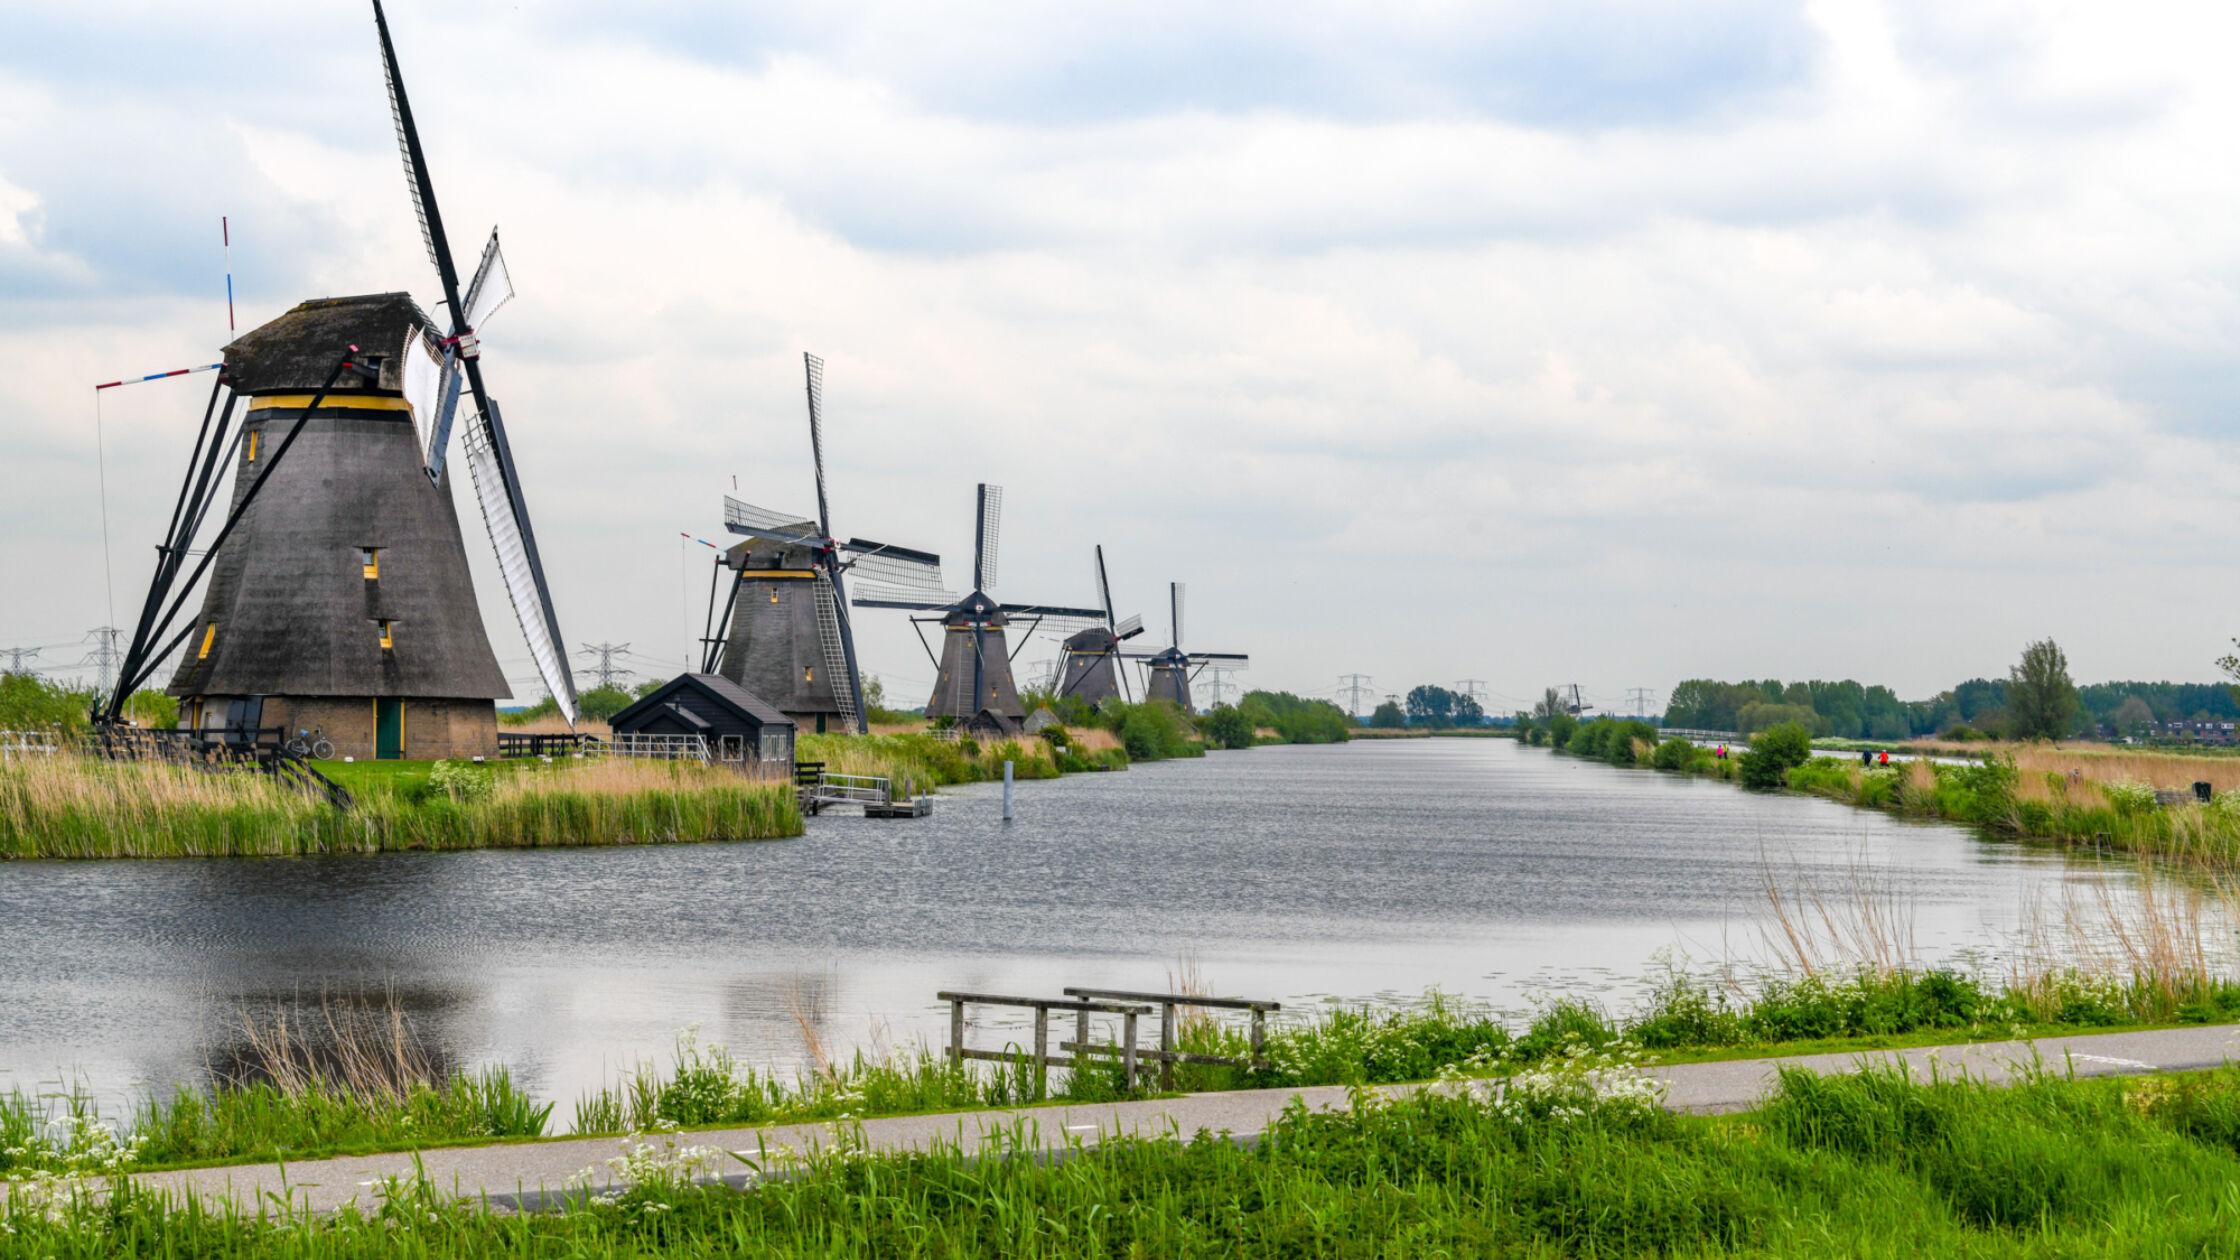 Aanschouw typisch Hollands aanzicht op de Kinderdijk